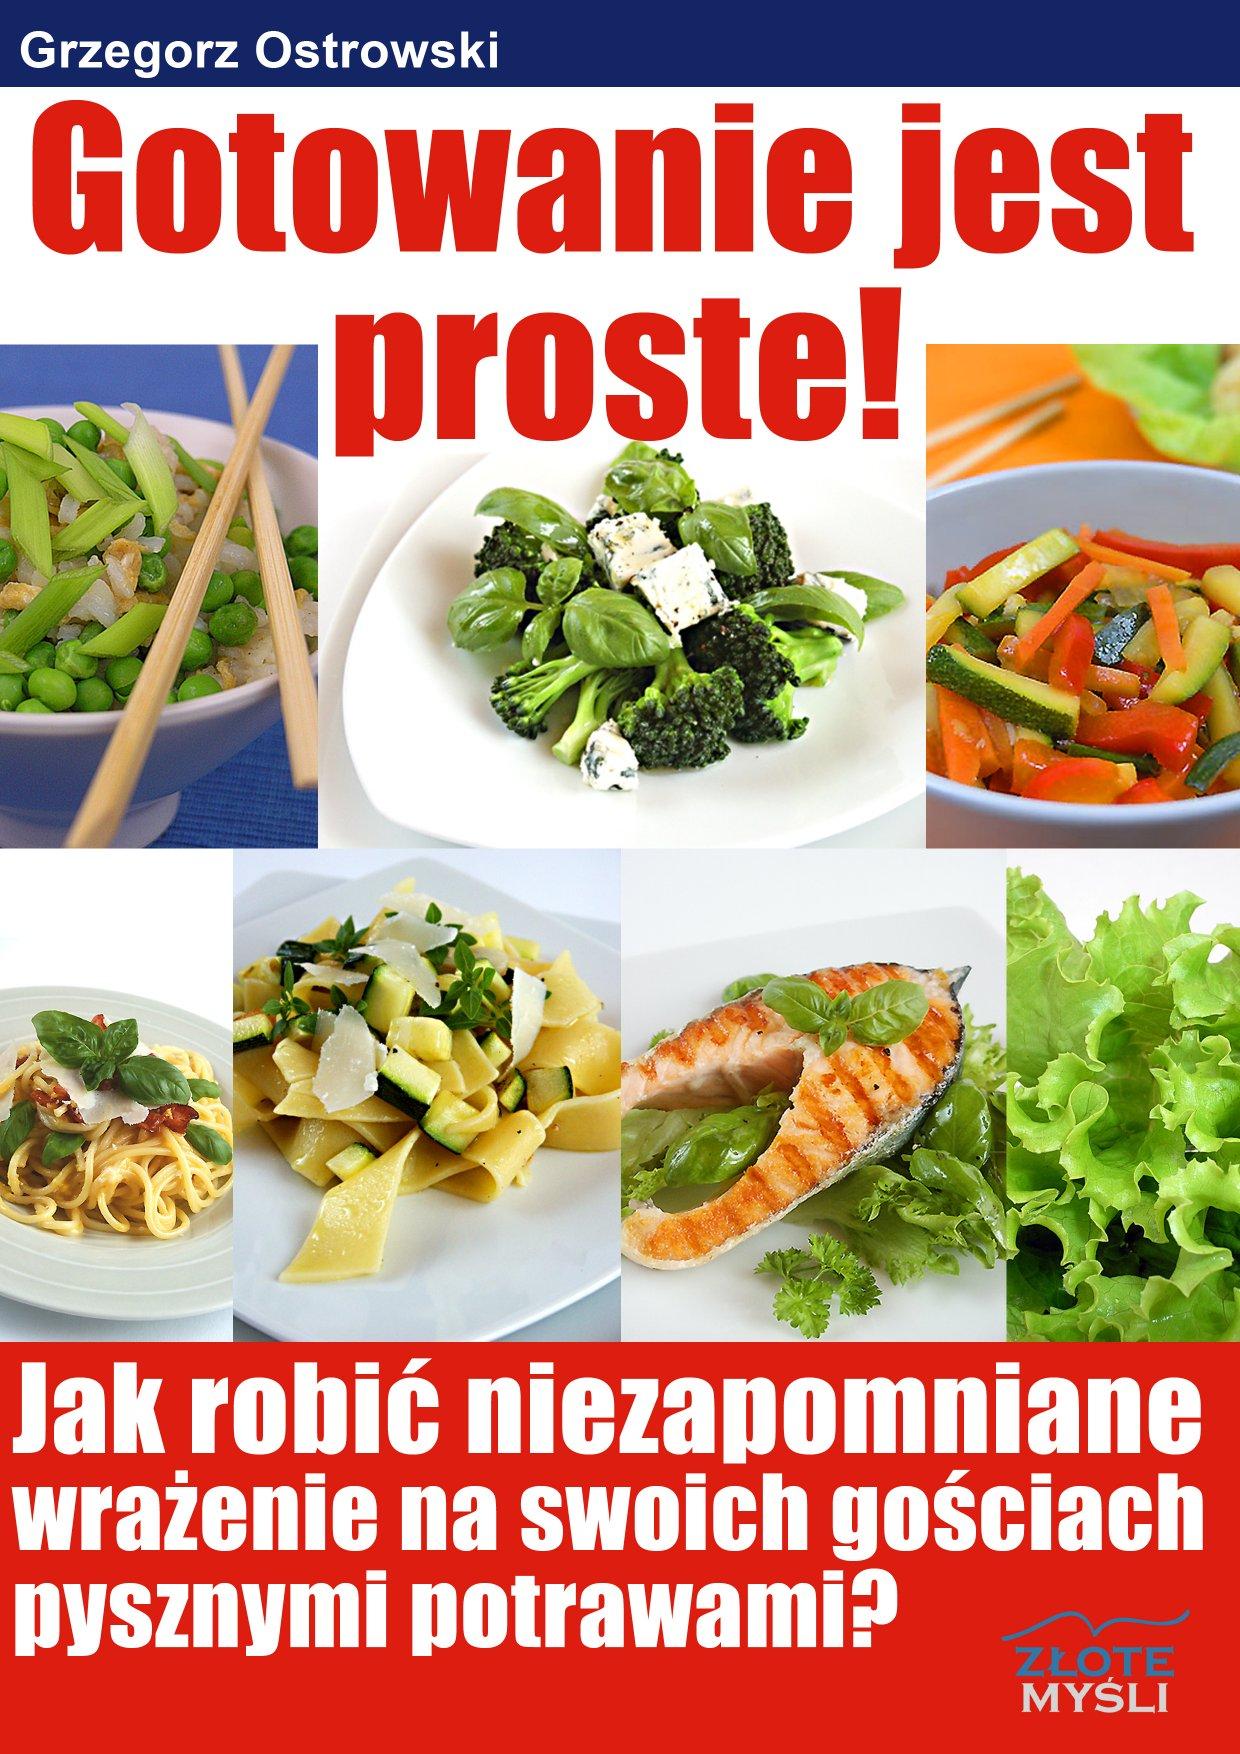 Grzegorz Ostrowski: Gotowanie jest proste - okładka